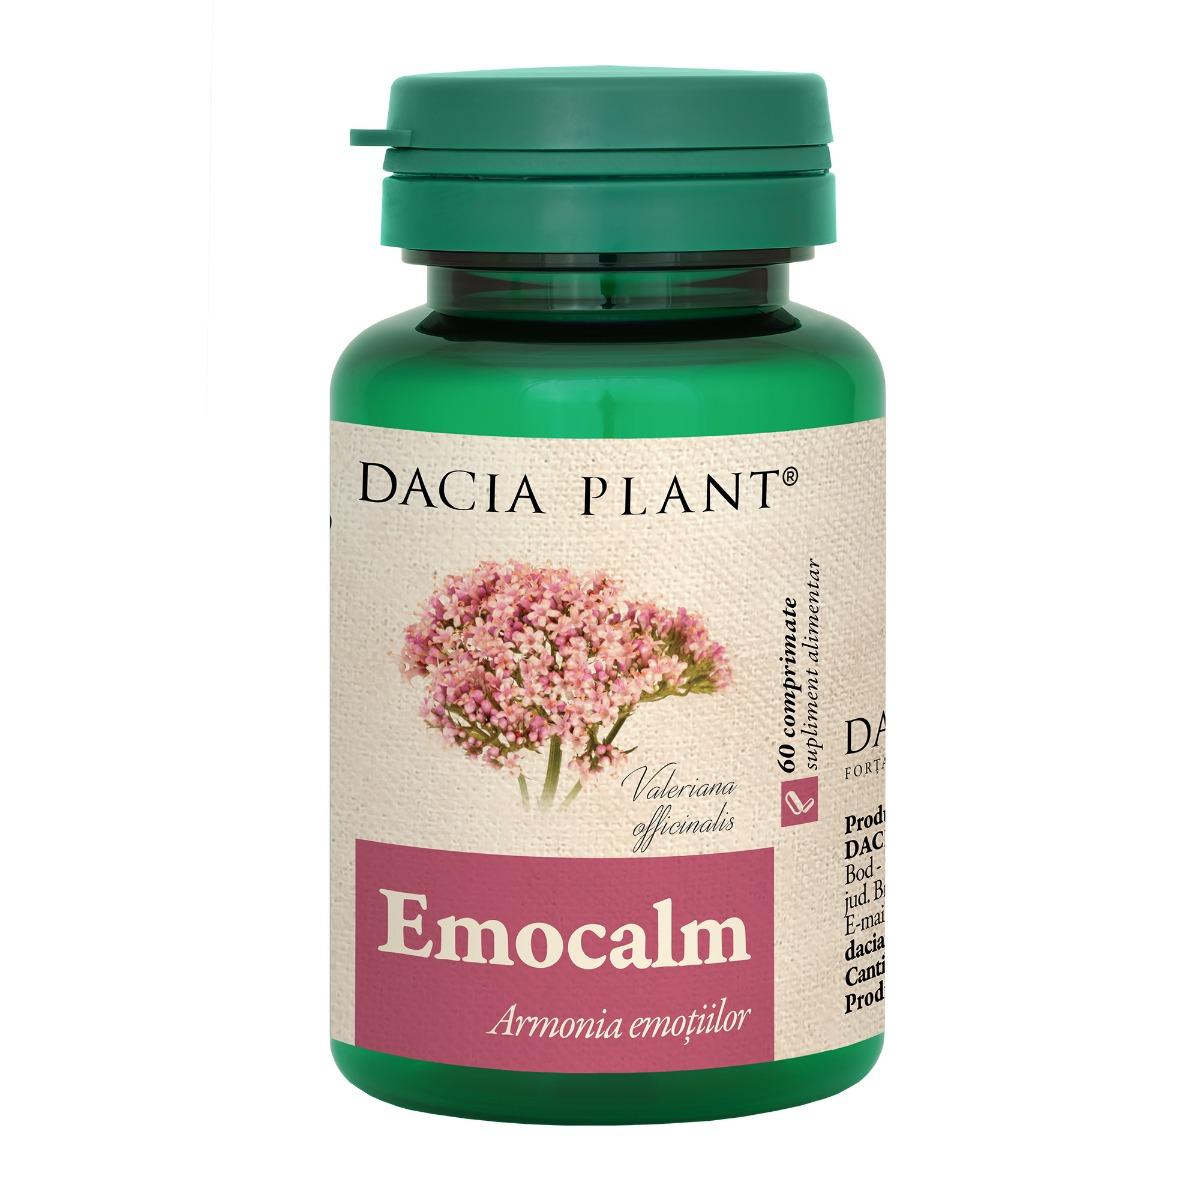 Emocalm, 60 comprimate, Dacia Plant drmax.ro